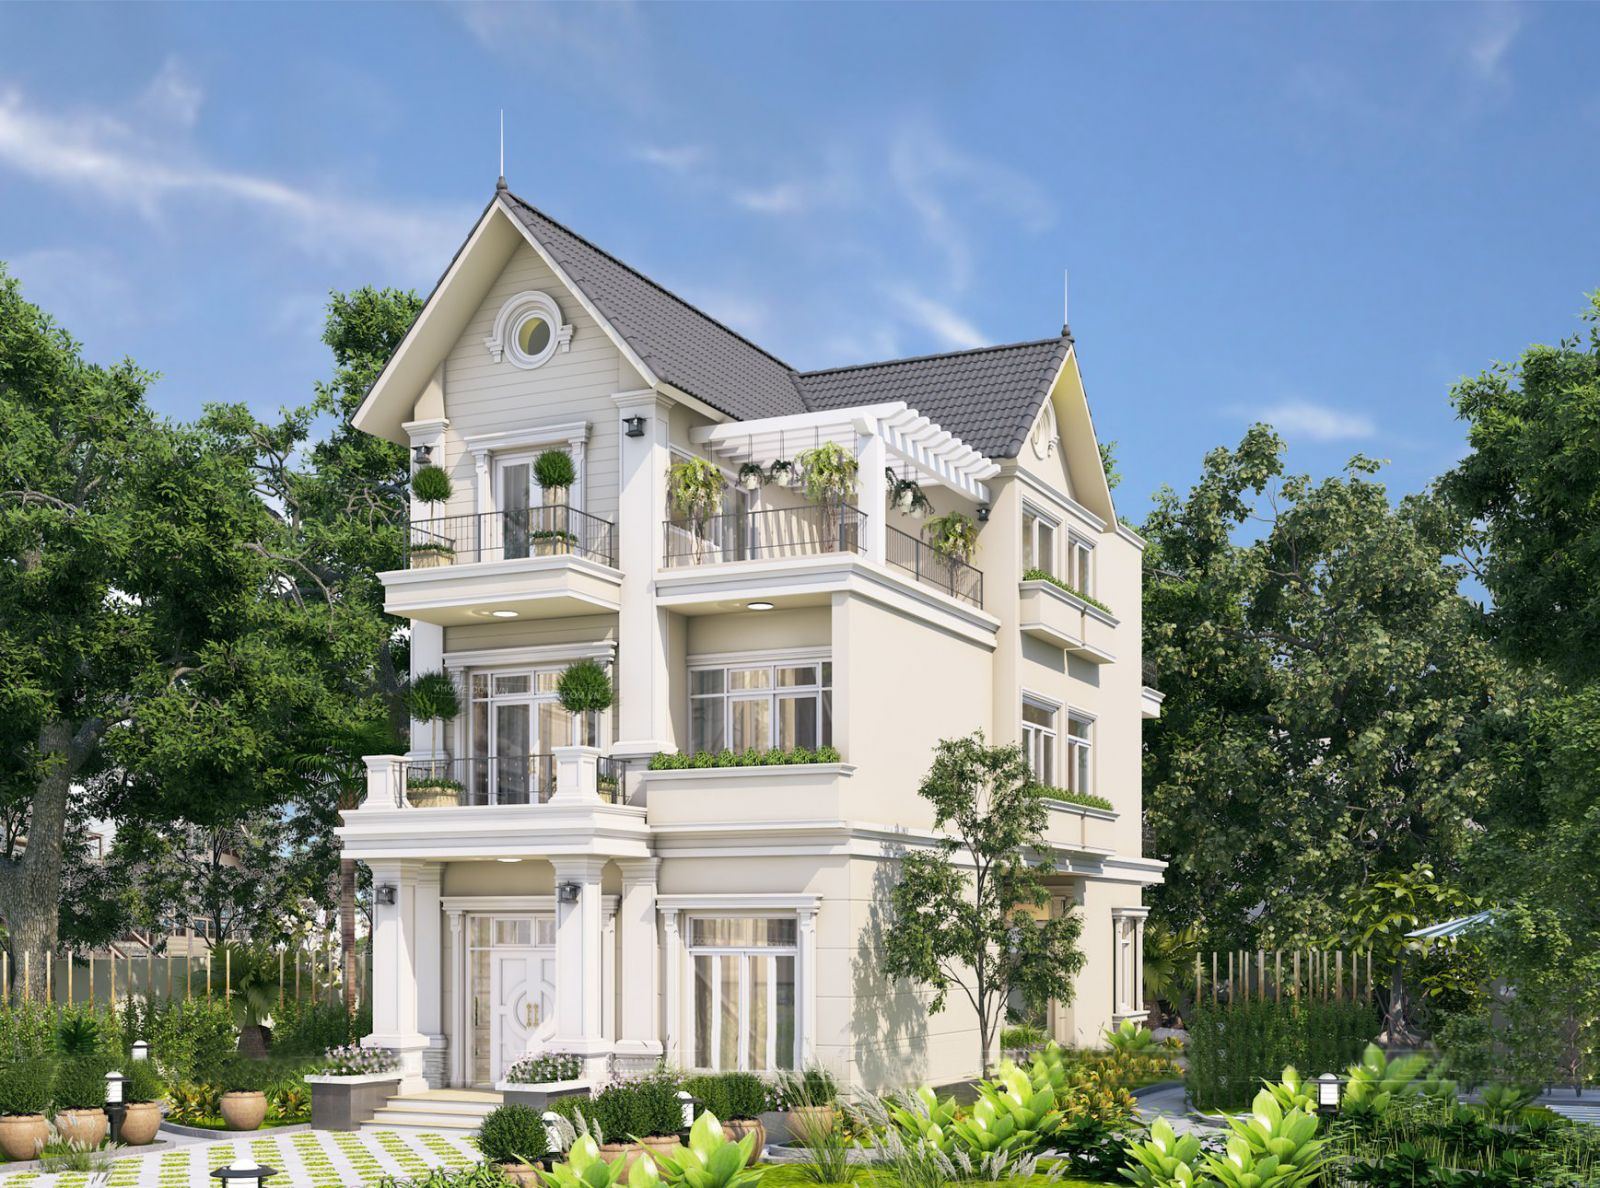 Biệt thự 3 tầng tân cổ điển đẹp – Tư vẫn miễn phí mẫu thiết kế tuyệt đẹp